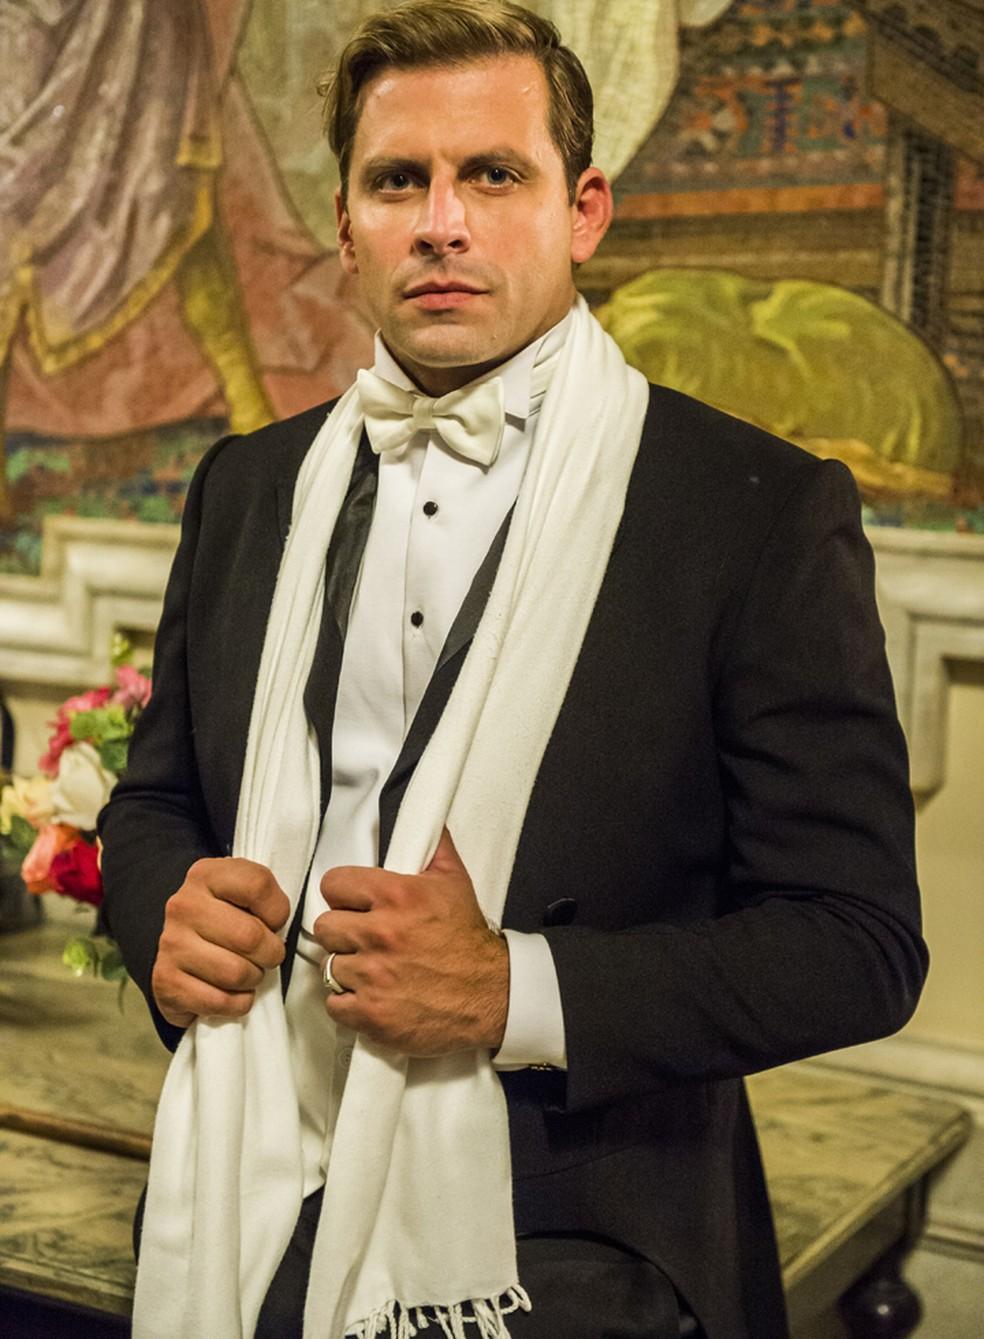 Henri Castelli caracterizado como o personagem Teodoro, no Theatro Municipal (Foto: João Miguel Júnior/Globo)